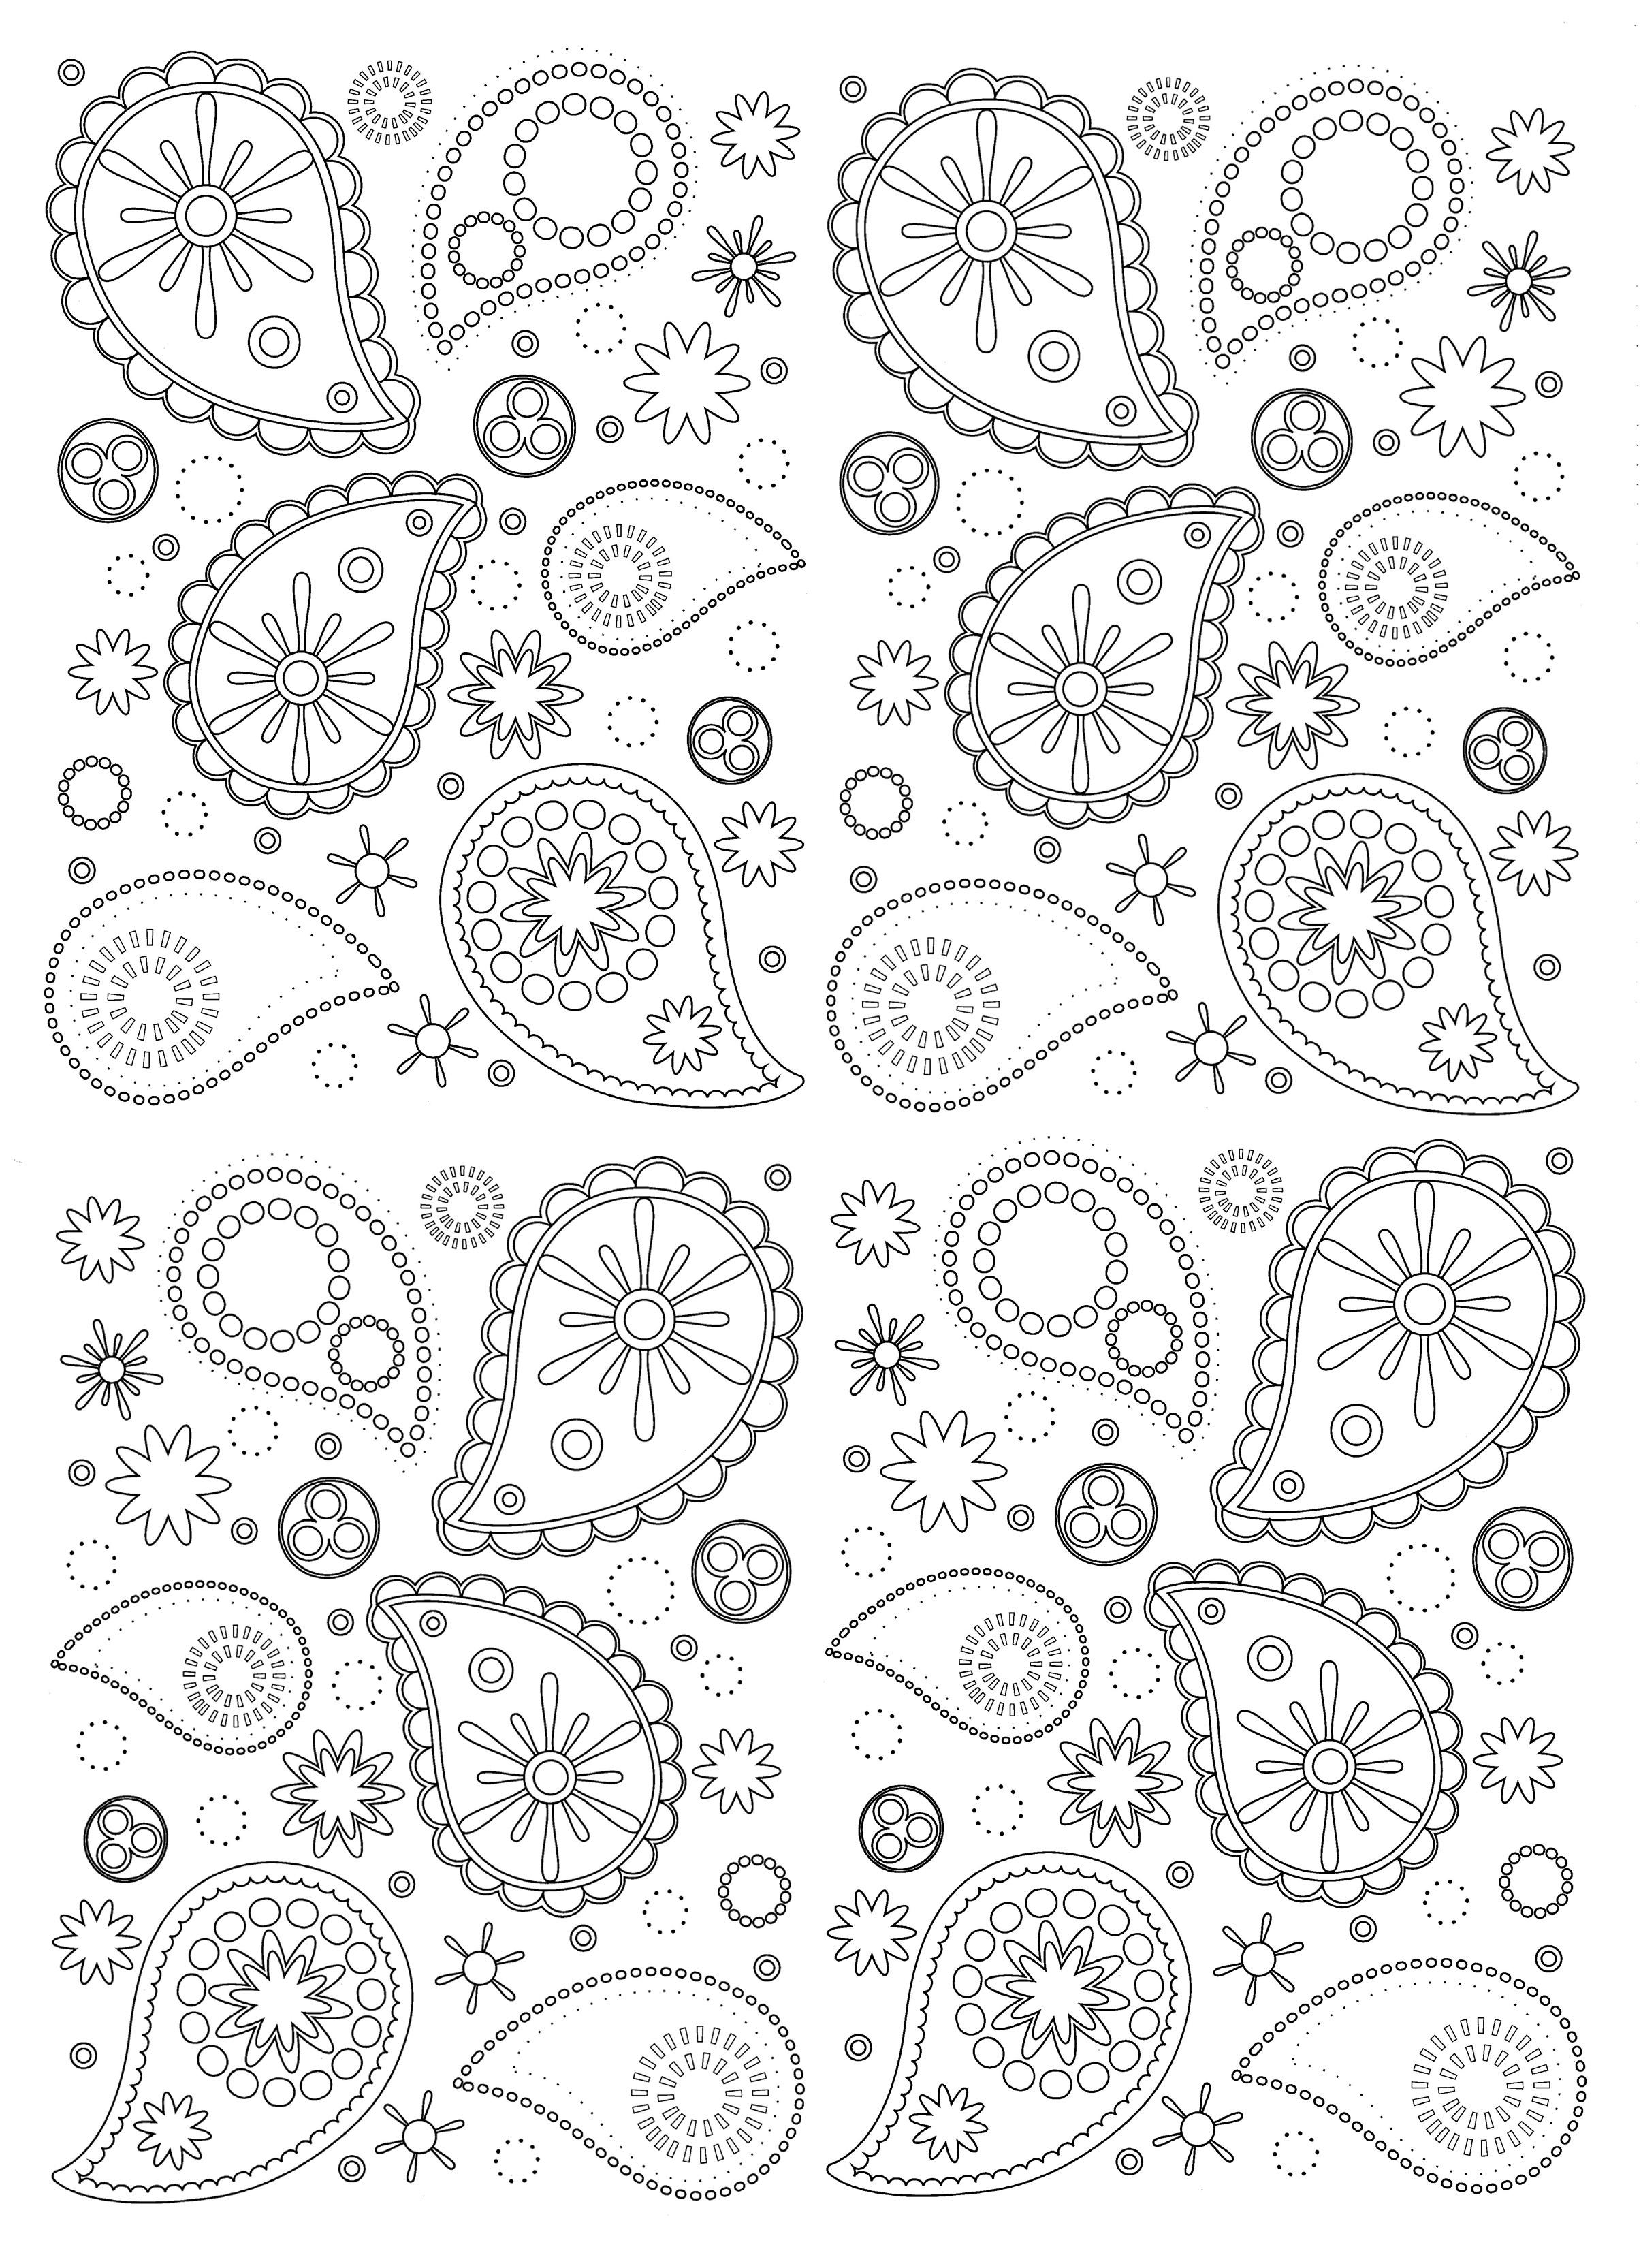 Detaille motifs paisley